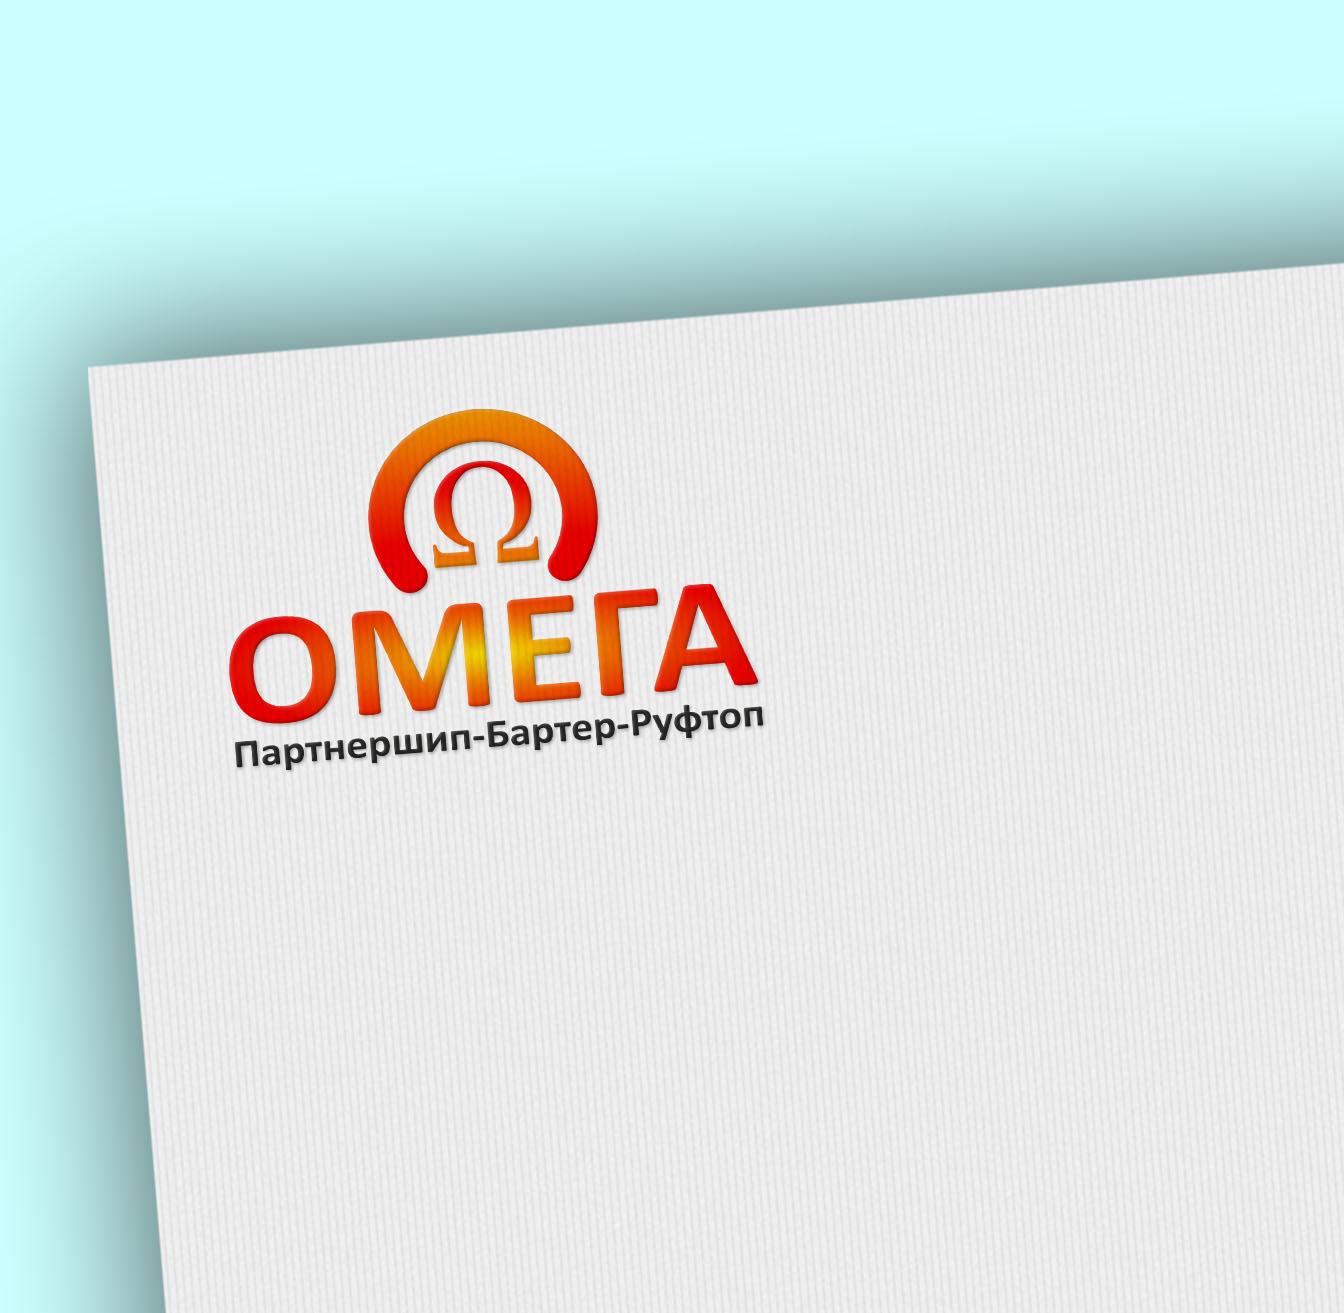 Придумать концепцию логотипа группы компаний фото f_4535b6d7a4210a38.jpg